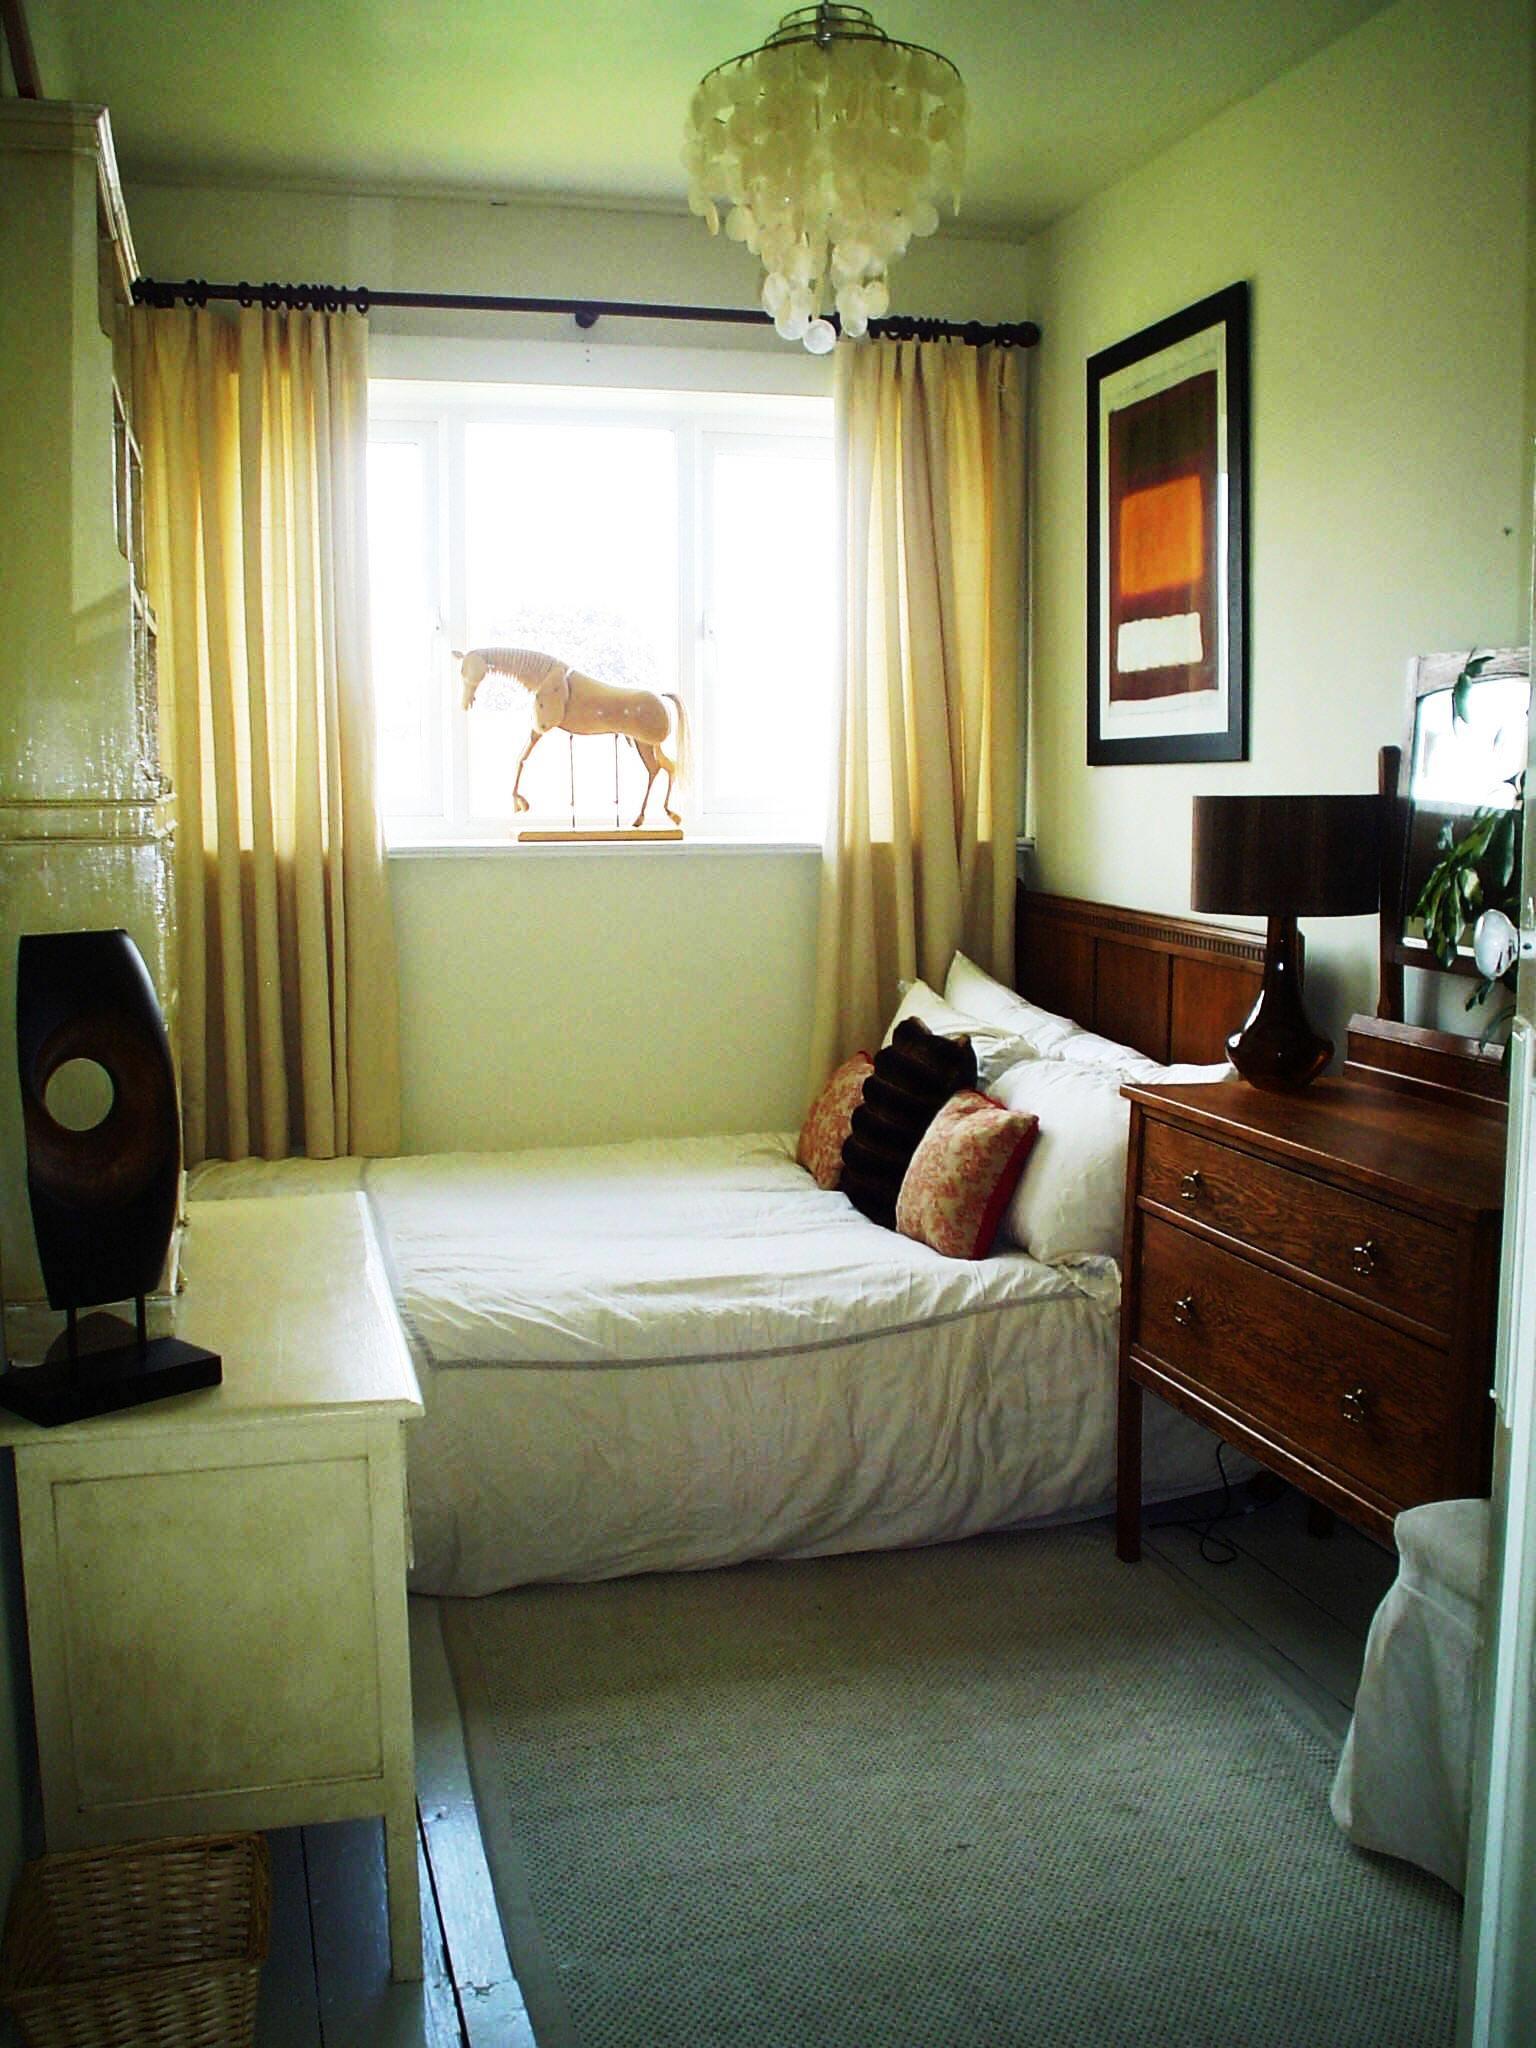 soveværelse-dejlig-lime-grøn-væg-farve-værelses-design-kombinere-med-hvid-cover-bed-and-cremet-dobbelt-side-gardiner-vindue-og-beige-træ-side-table-idé- til-bedste-bedste-maling-farver-til-små-bedro